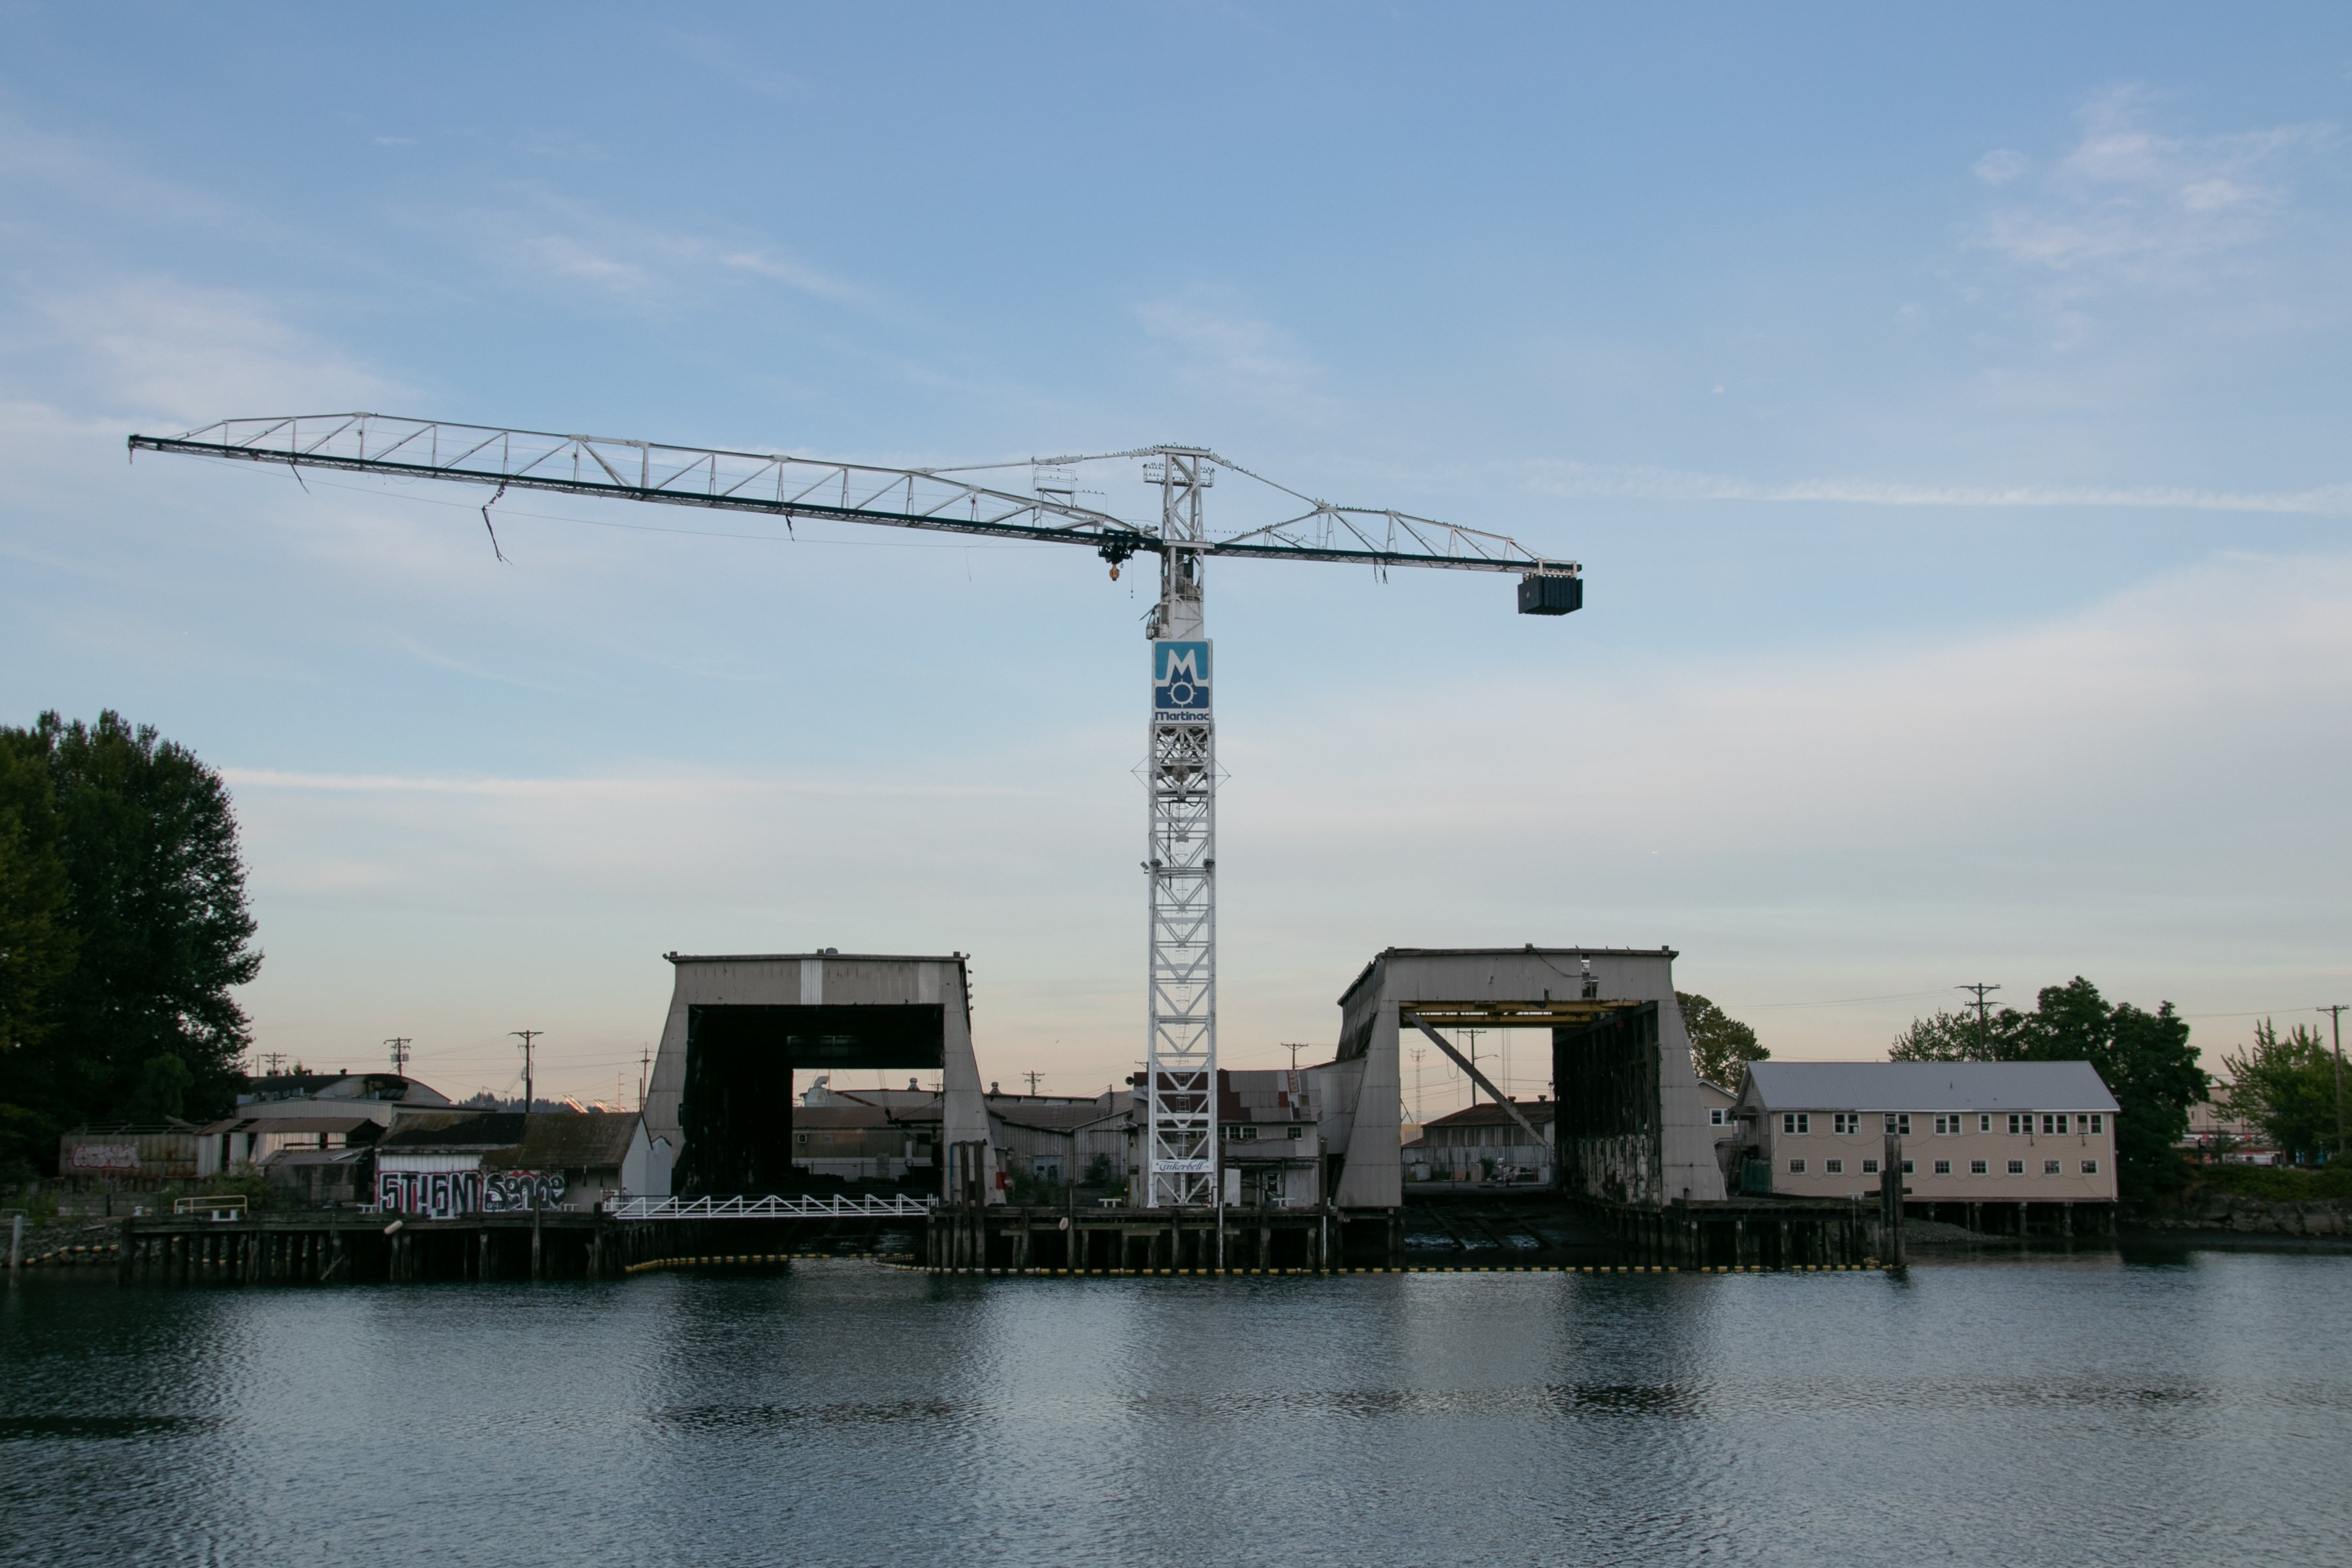 Tower Crane Between Buildings Near Water